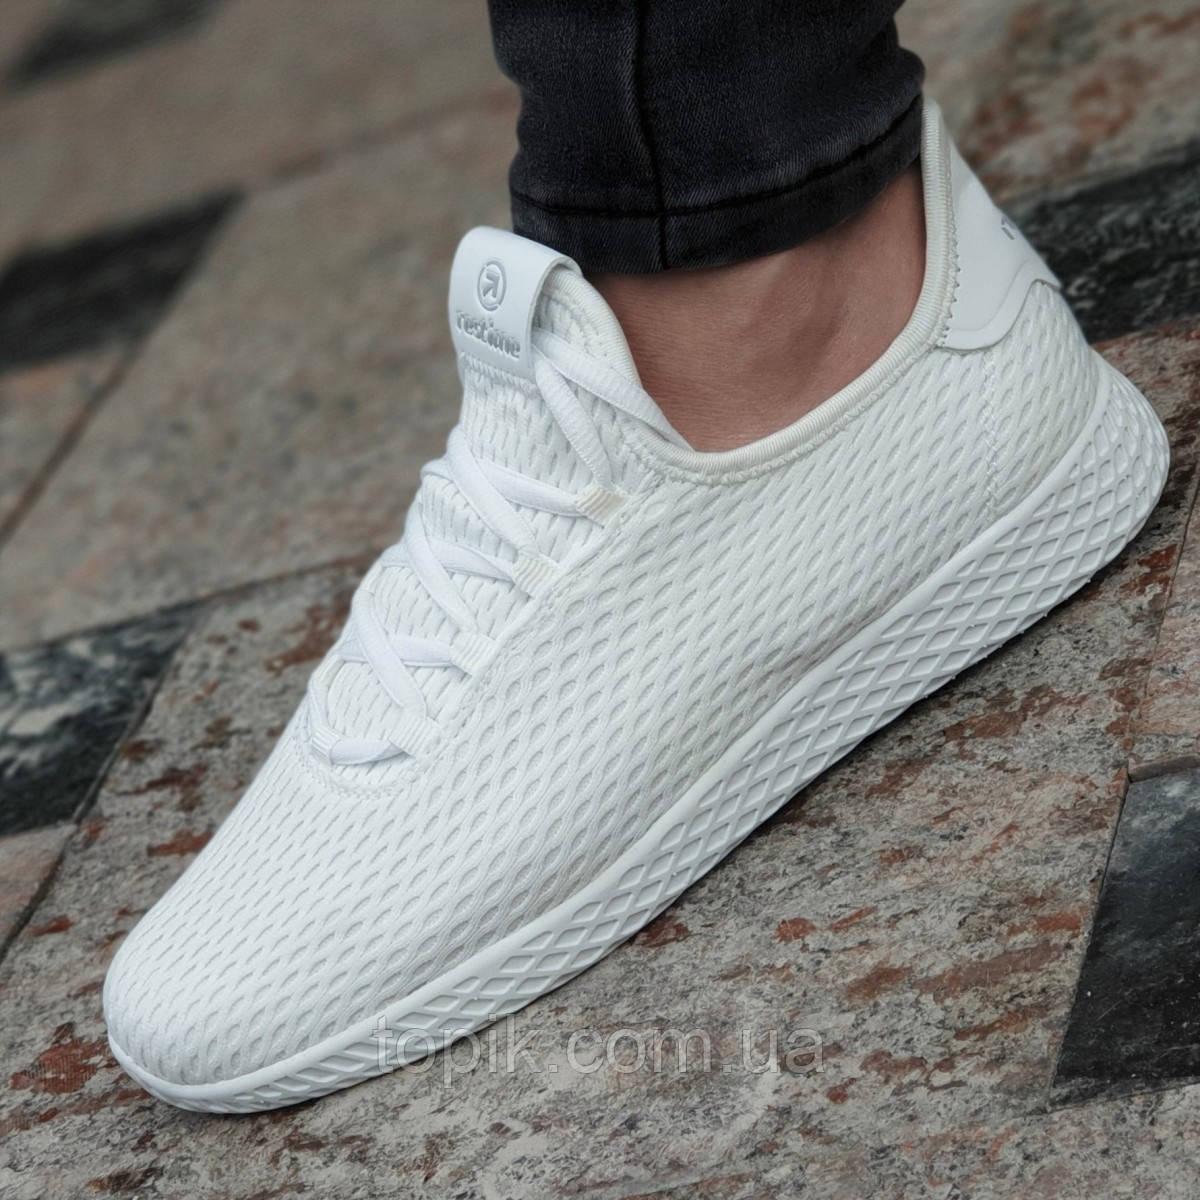 a3b500e2 Женские белые кроссовки текстильные легкие и удобные мягкая подошва из  пенки (Код: 1341)